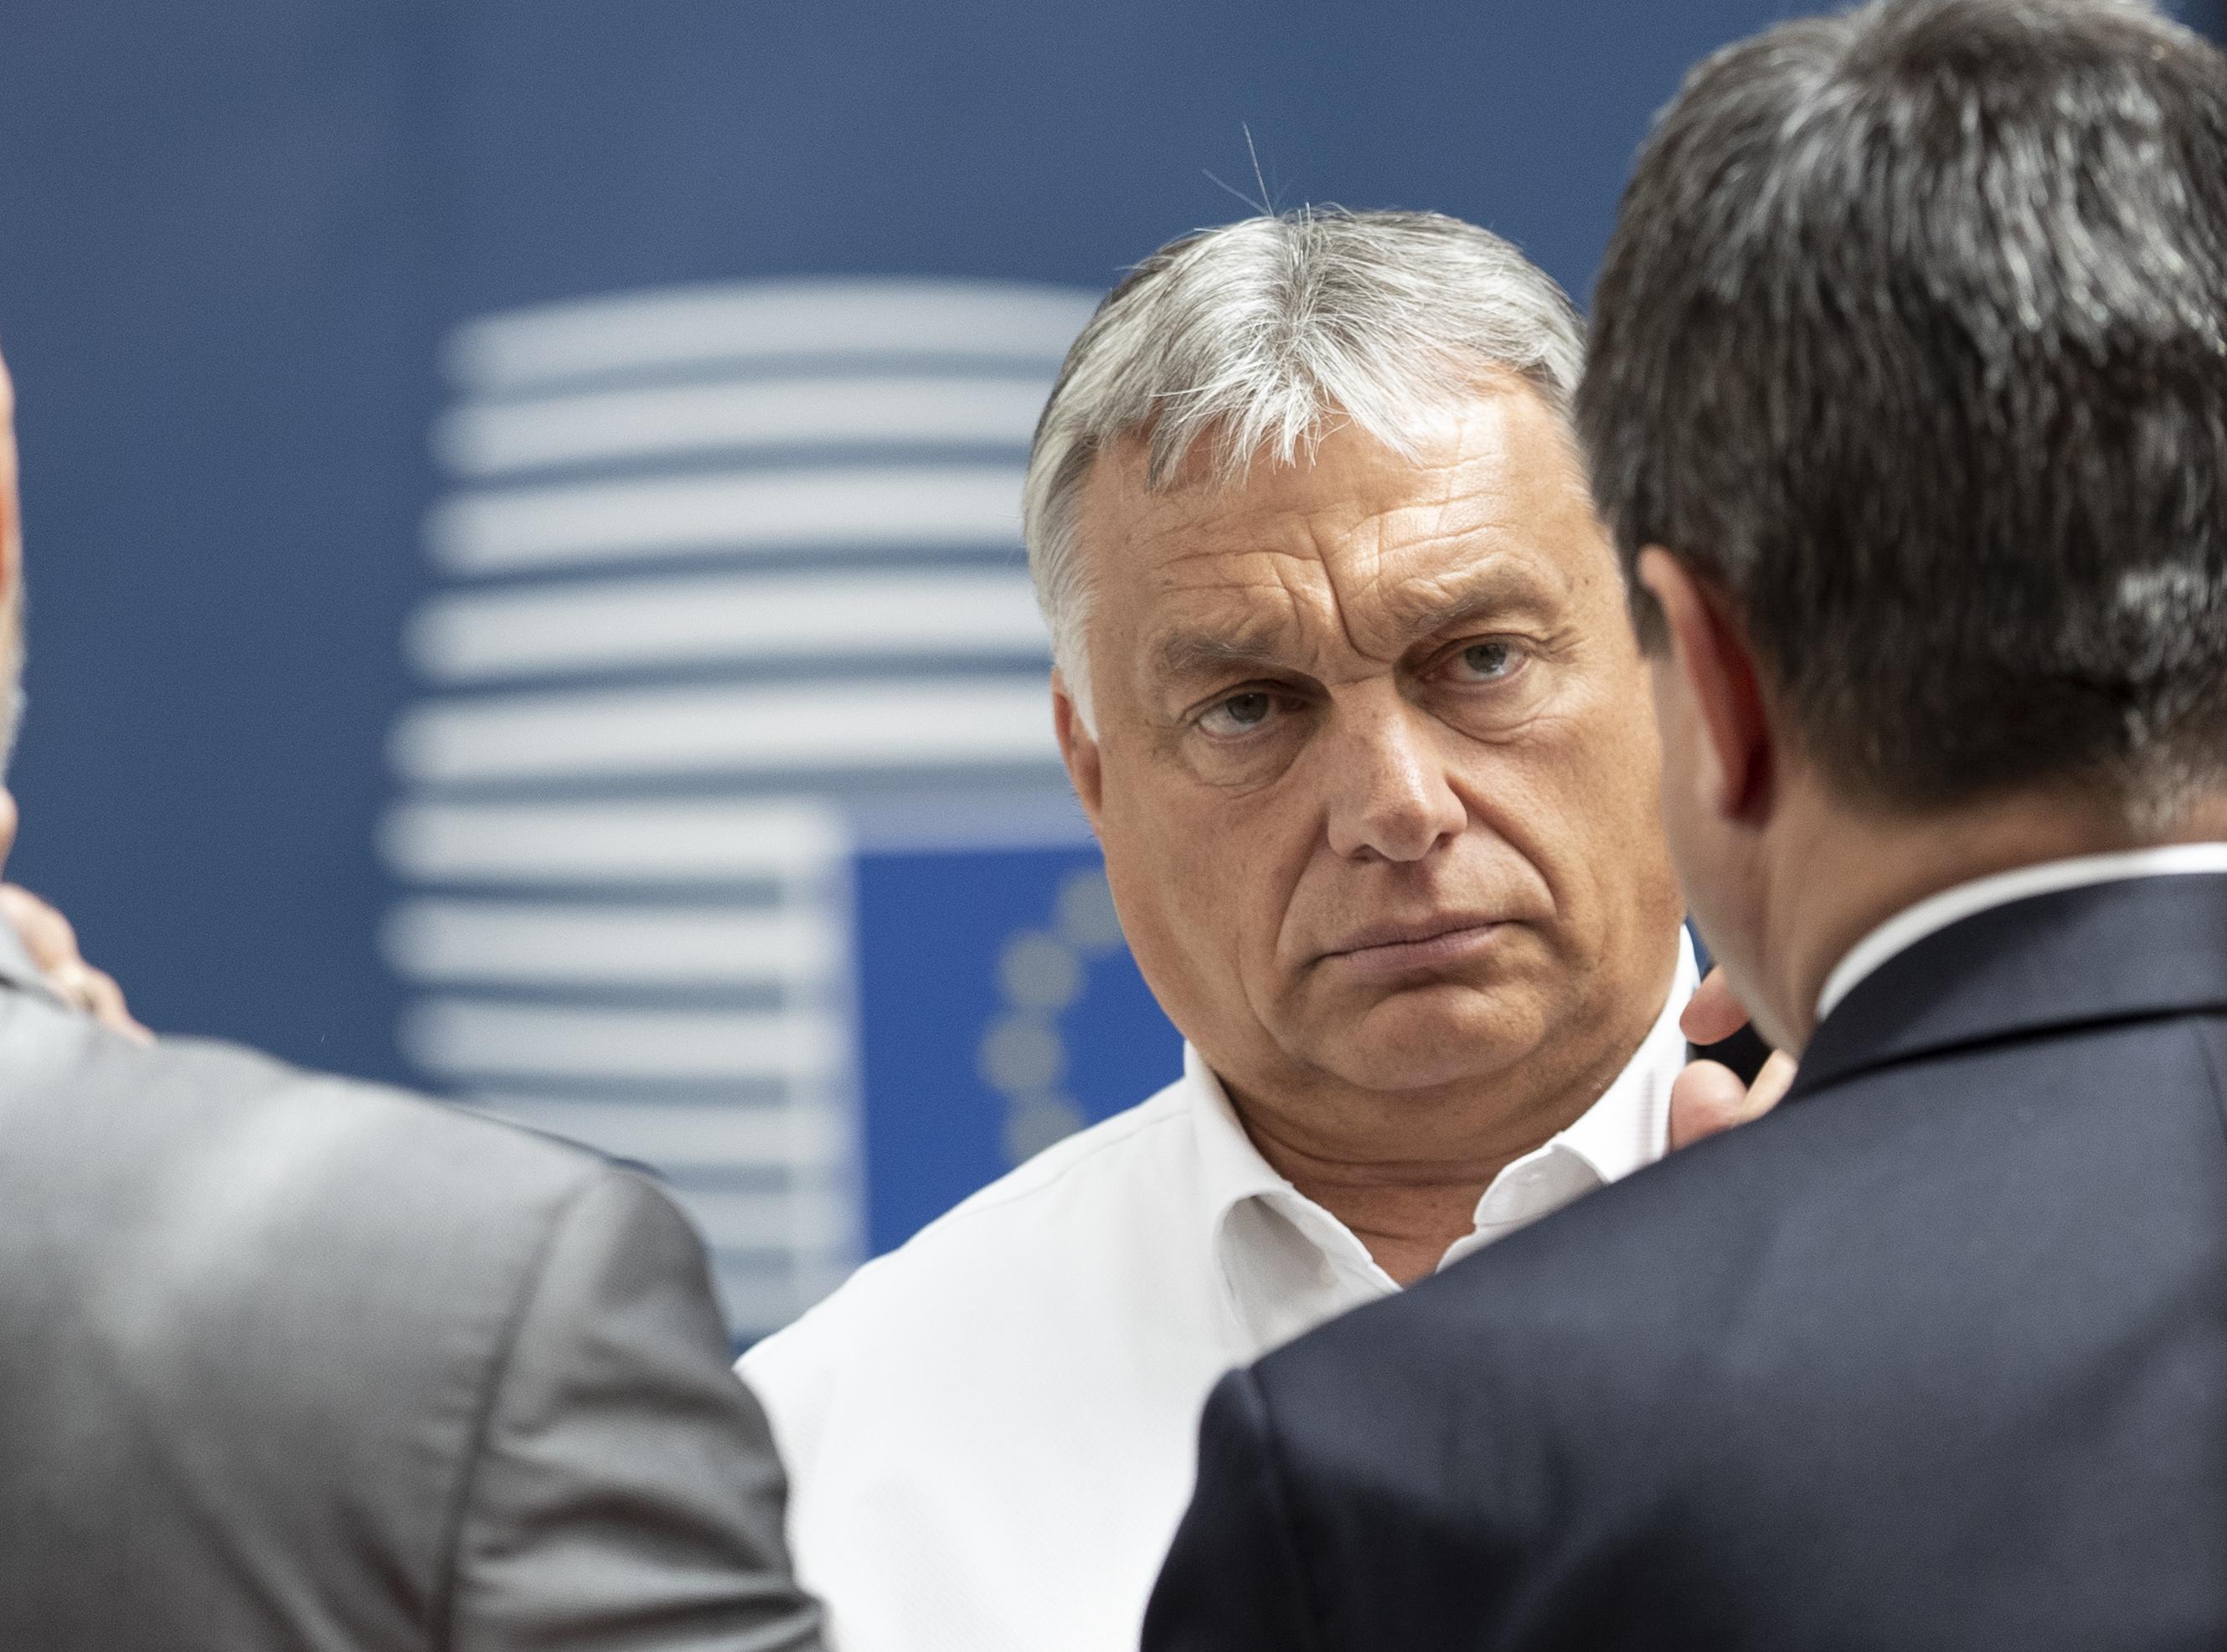 Dráma: Orbán Viktor nem lehet ott a Szuperkupán